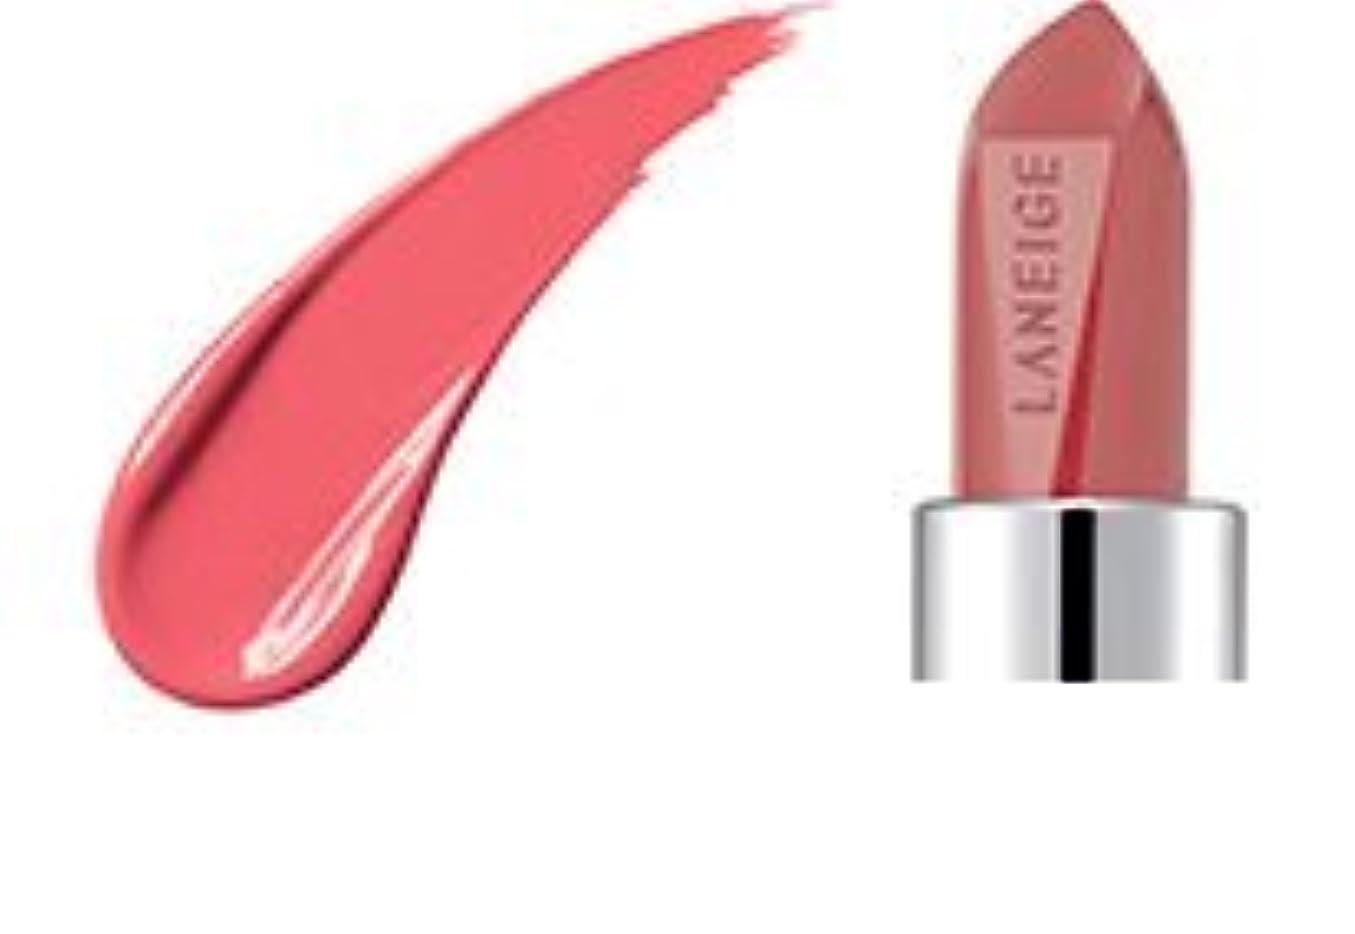 ピック豚実行可能[2017 Renewal] LANEIGE Silk Intense Lipstick 3.5g/ラネージュ シルク インテンス リップスティック 3.5g (#425 Like a Selfie) [並行輸入品]